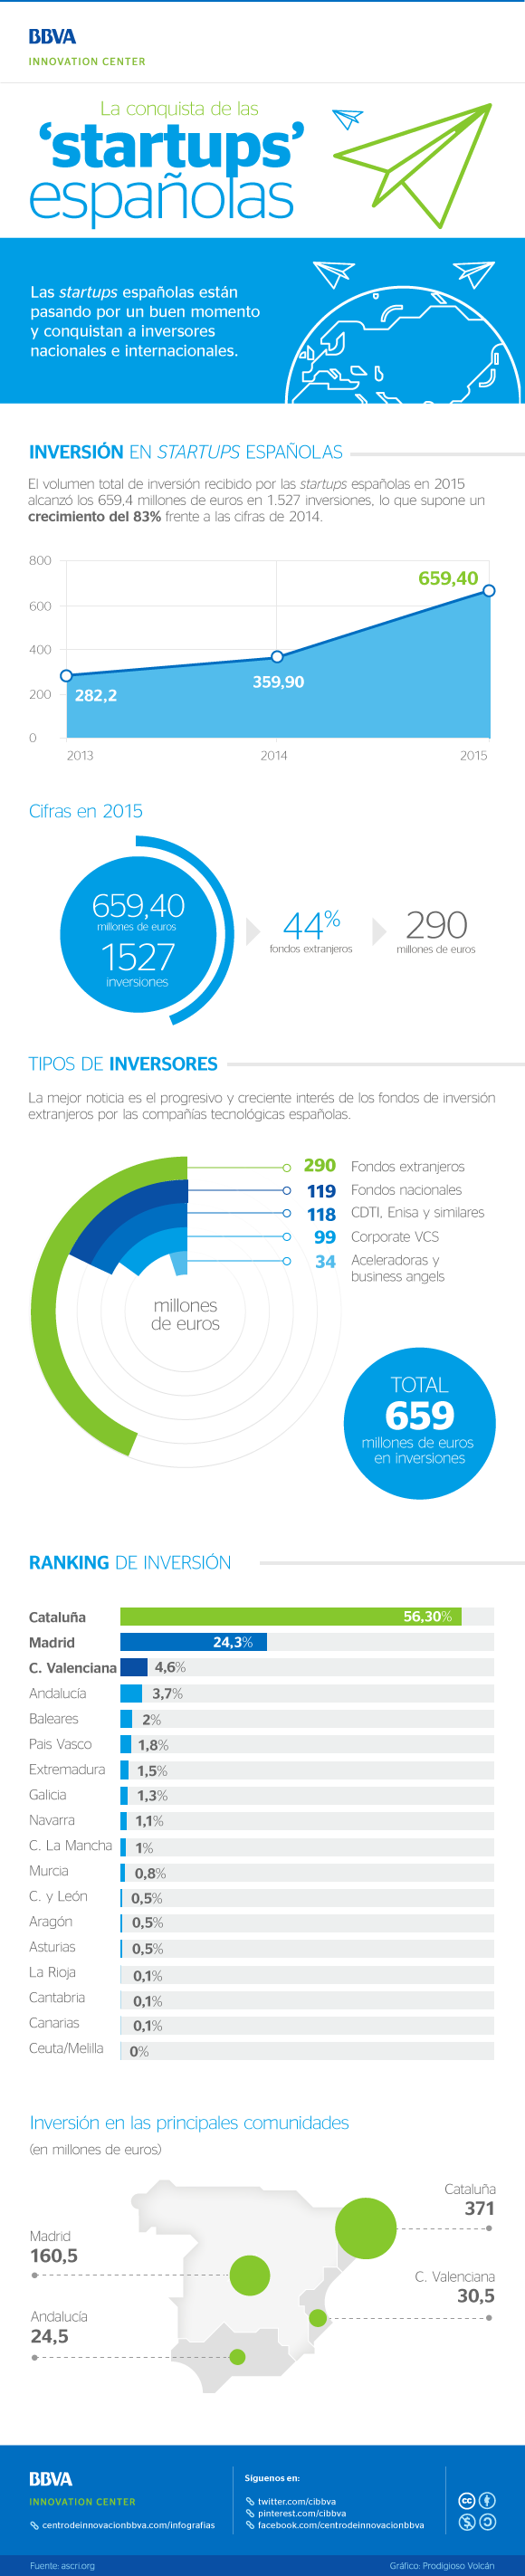 La conquista de las startups españolas